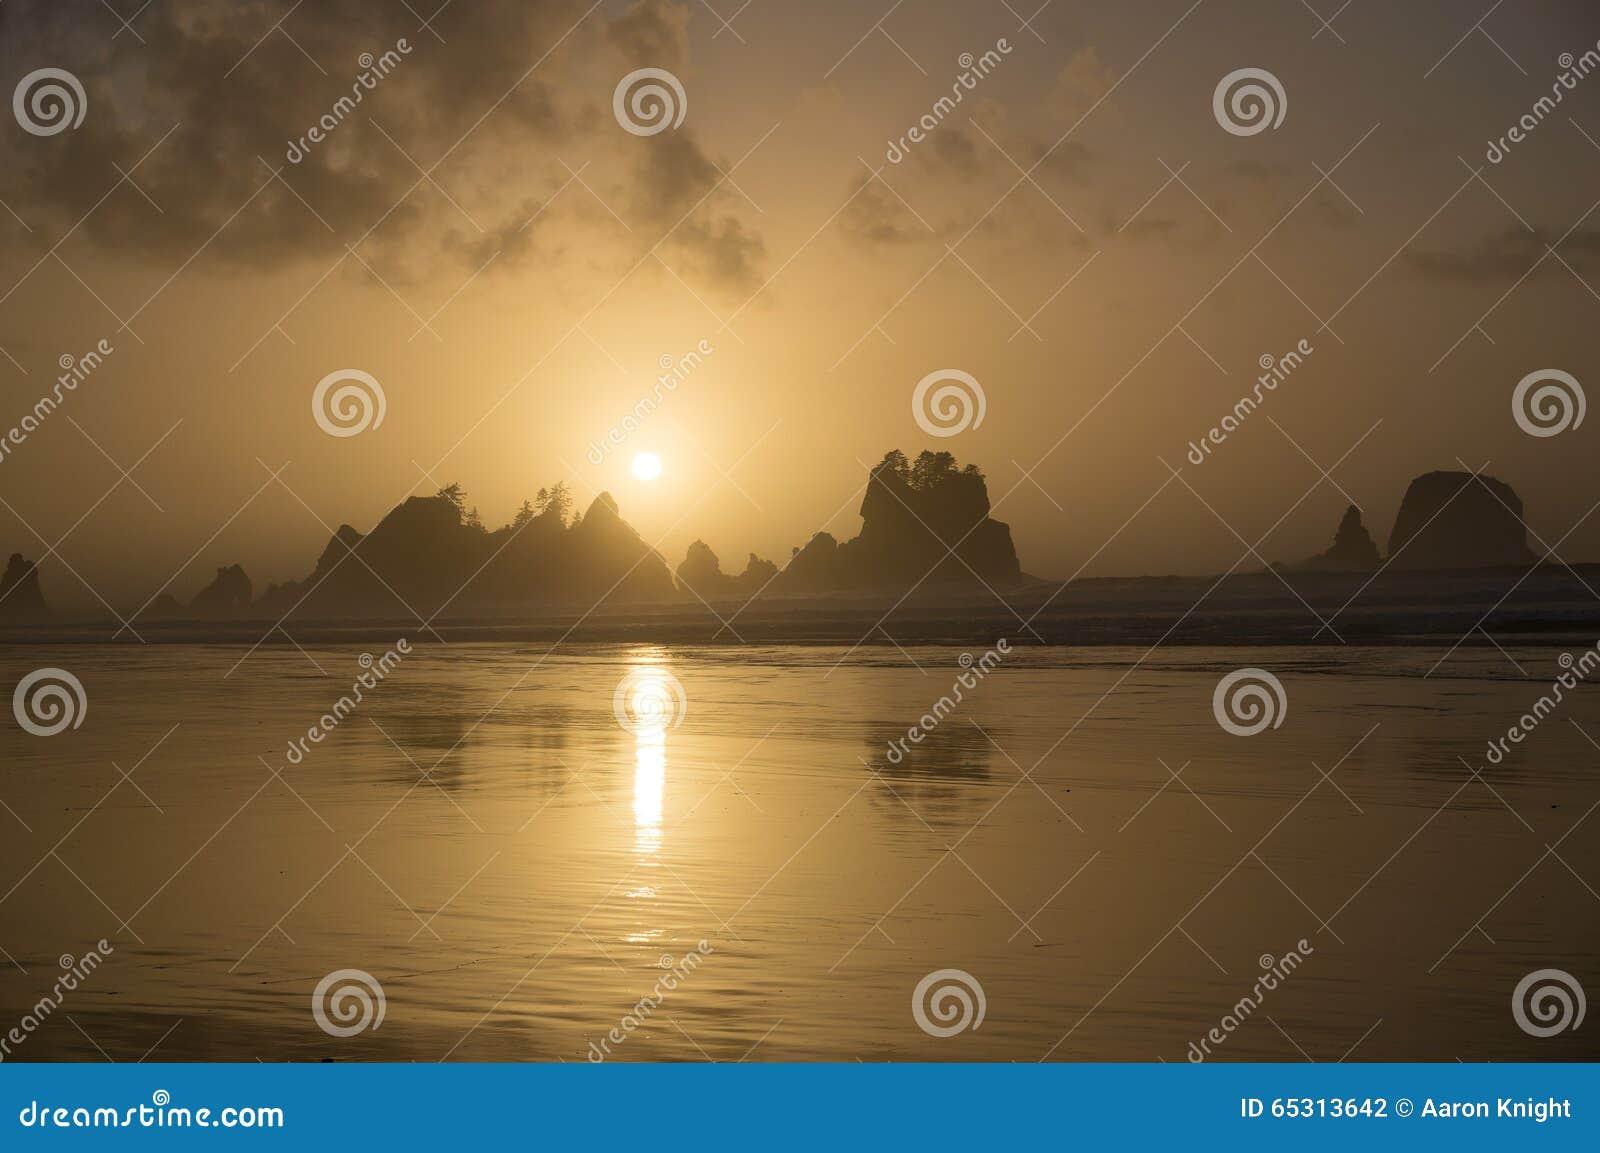 Parc de Shi Shi Beach Sunset Olympic National